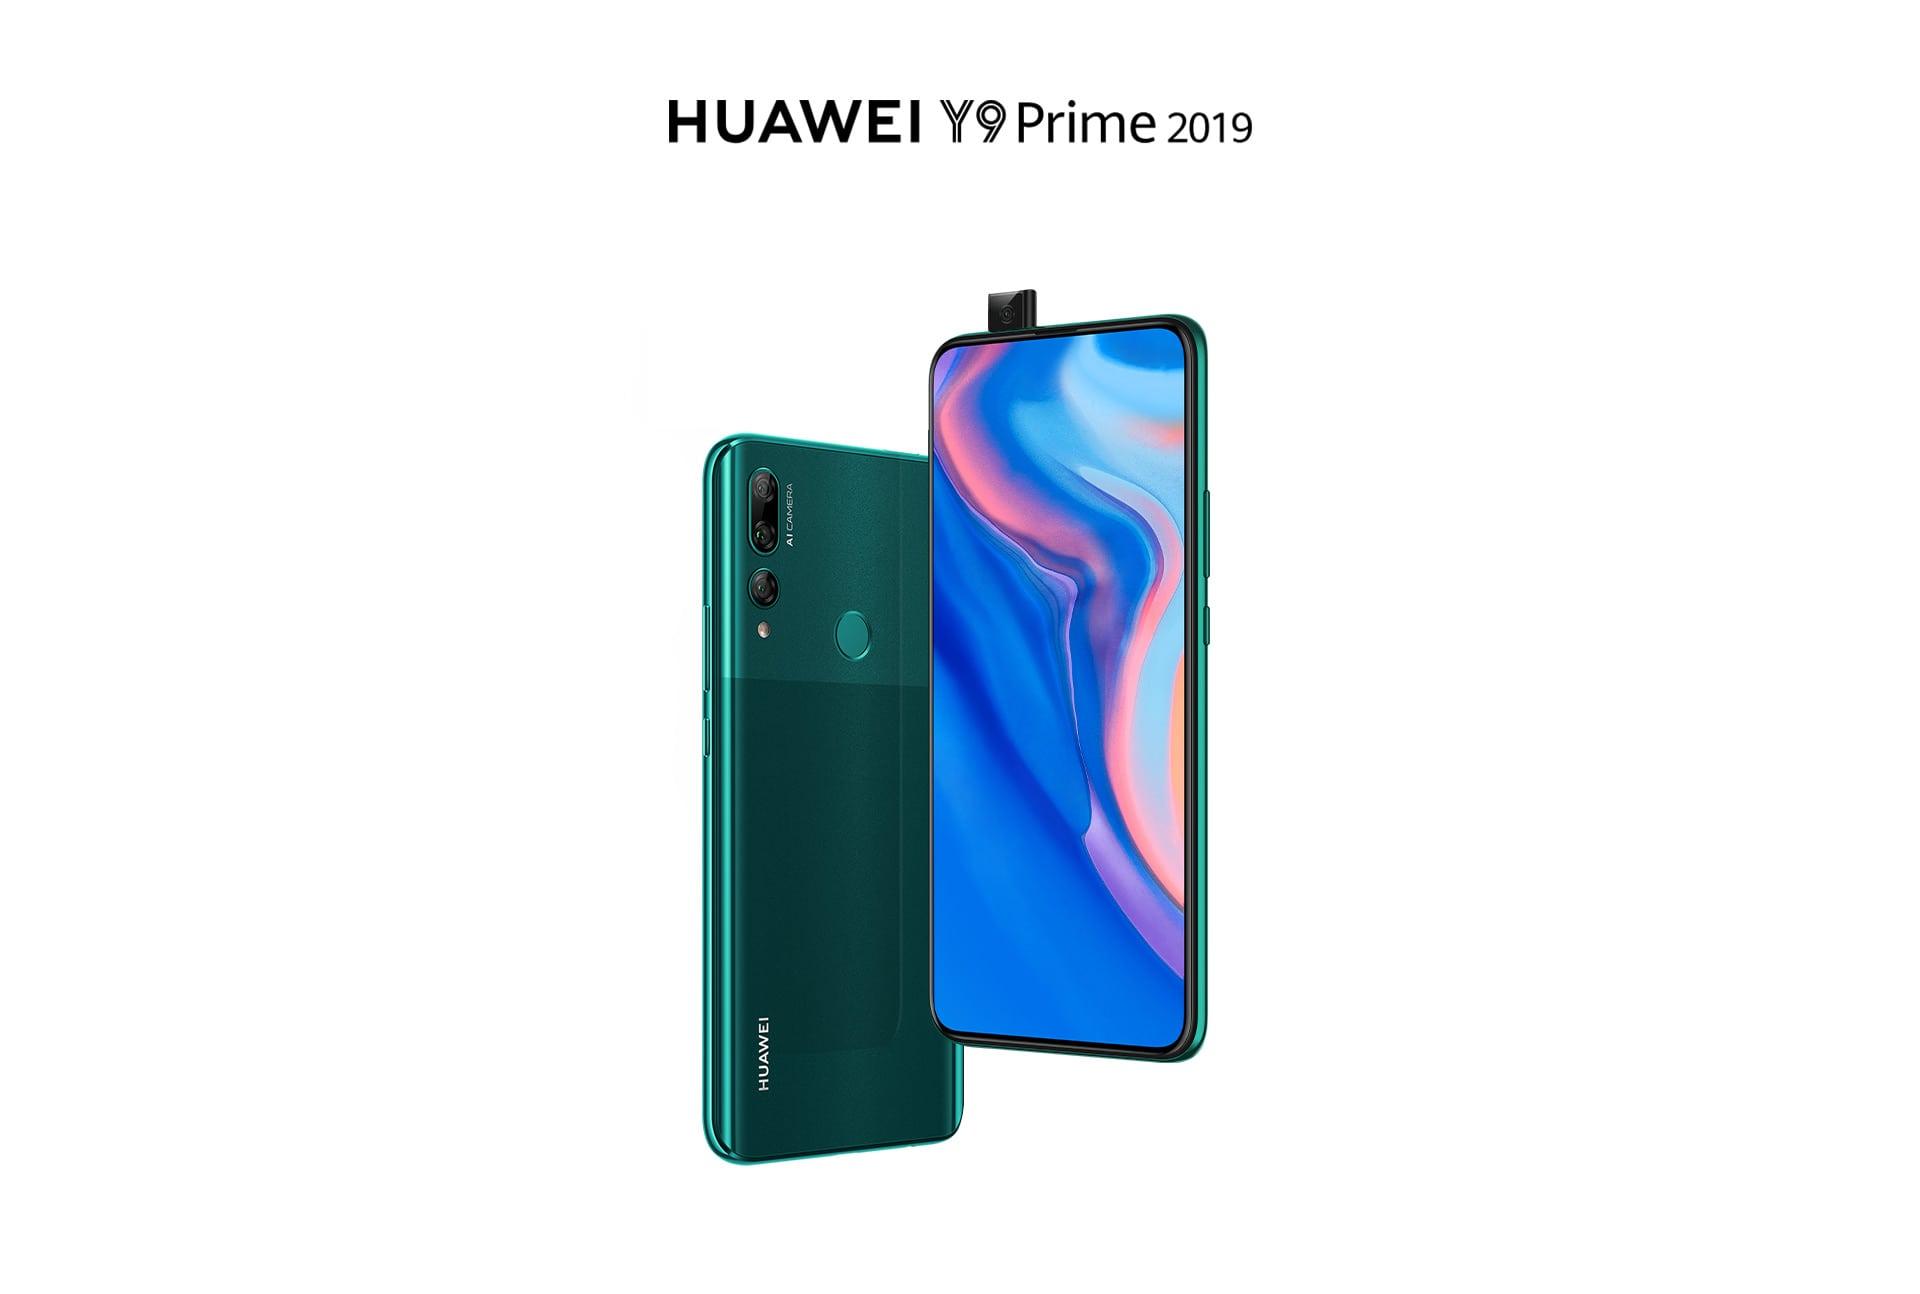 نمای جلو و پشت گوشی هواوی Y9 Prime 2019 سبز